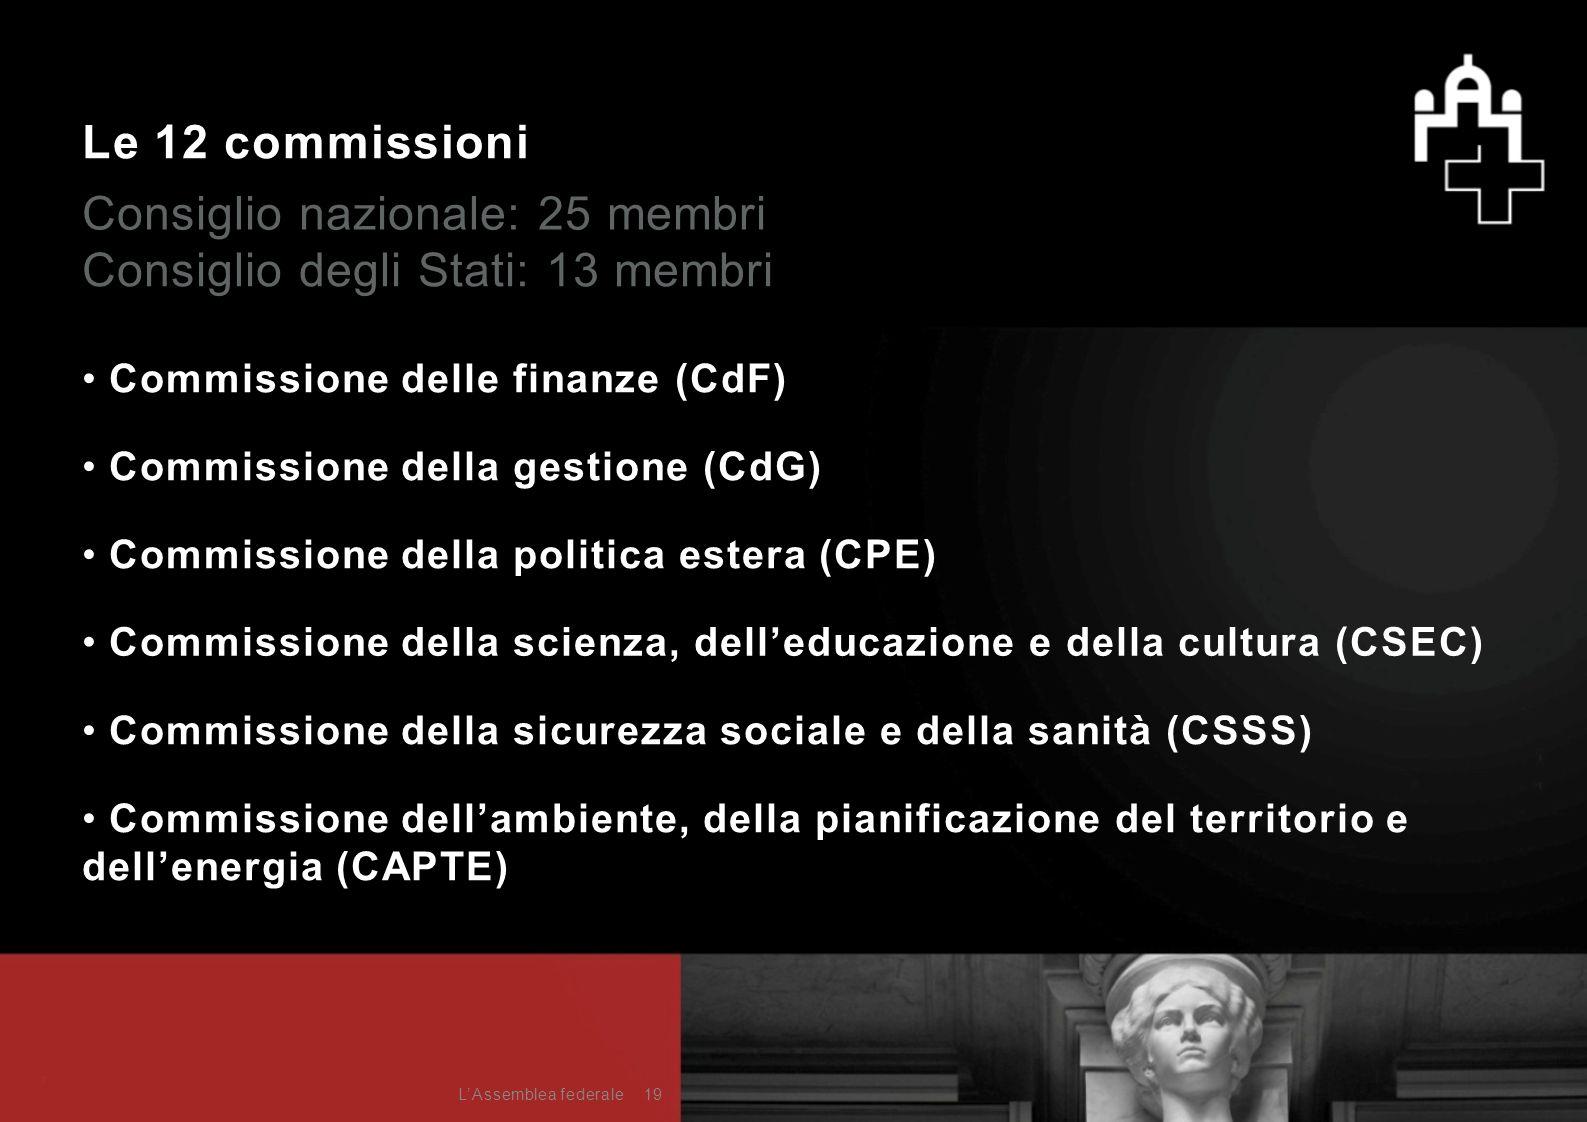 Le 12 commissioni Consiglio nazionale: 25 membri Commissione delle finanze (CdF) Consiglio degli Stati: 13 membri Commissione della gestione (CdG) Com